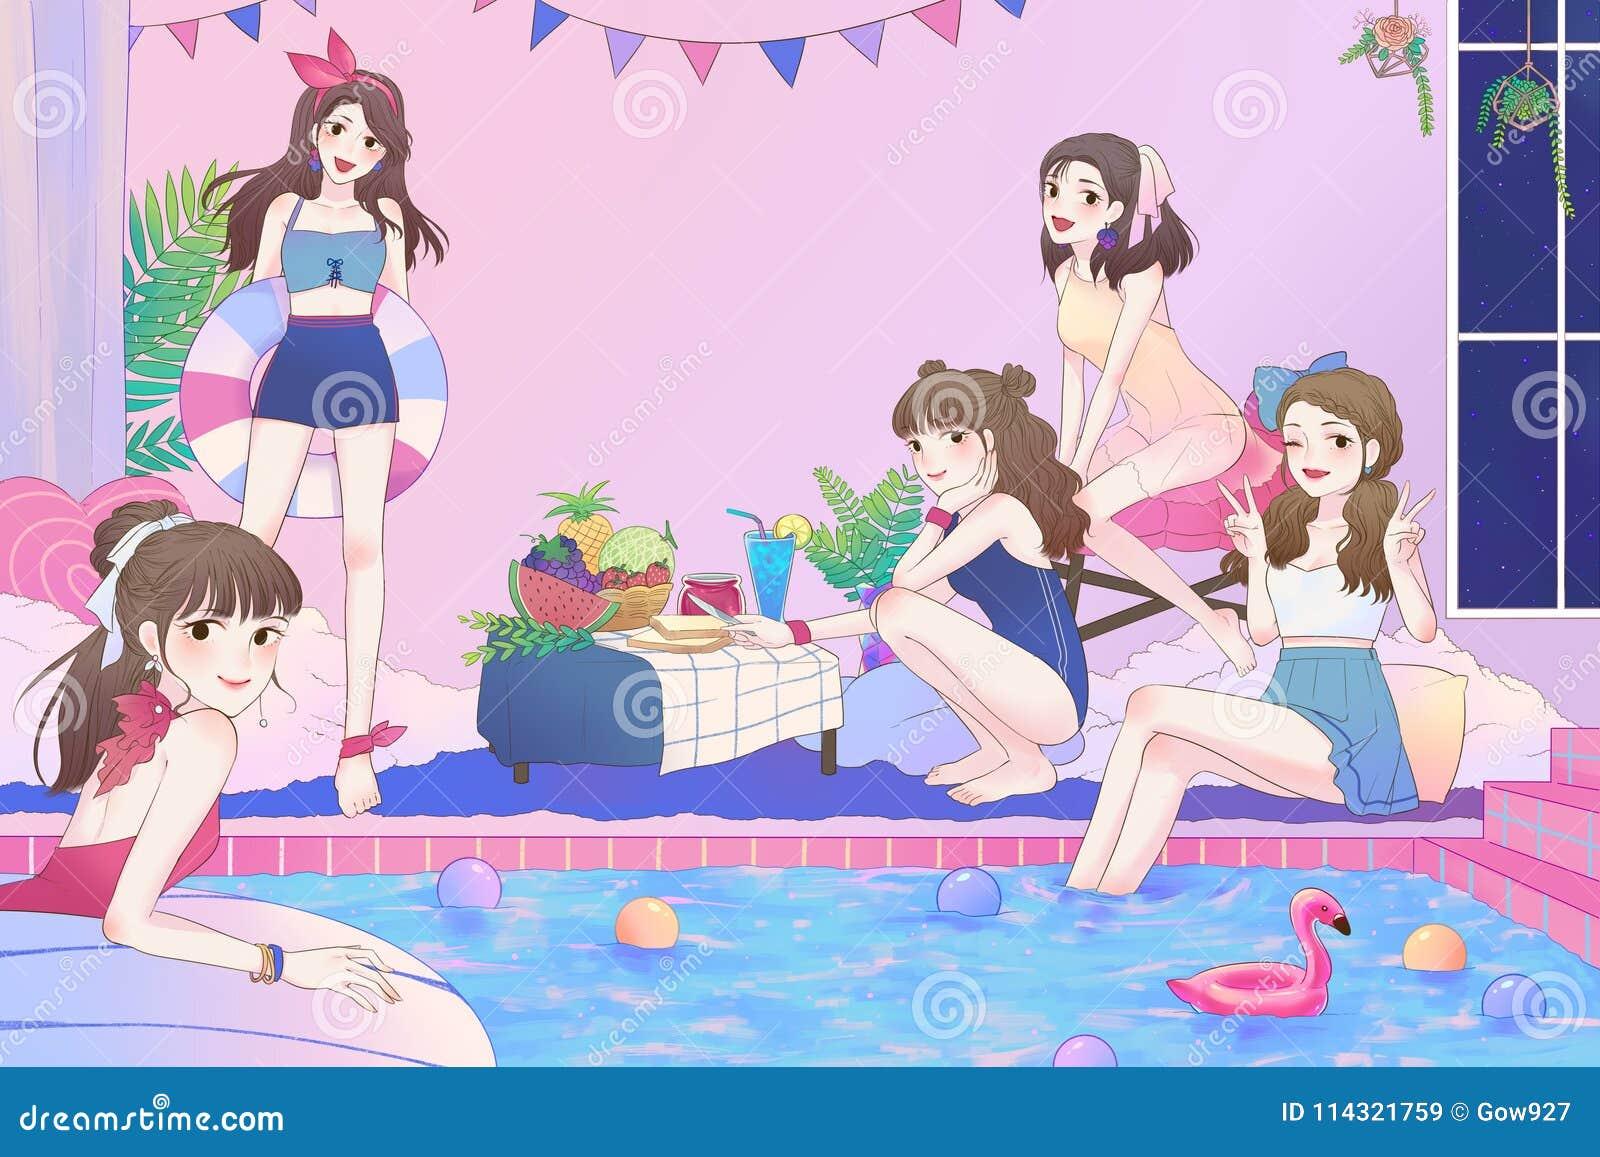 Karikaturillustration von 5 netten asiatischen jugendlich Mädchen, die Spaß haben und von Pool-Party im Großen Badezimmer mit Bad